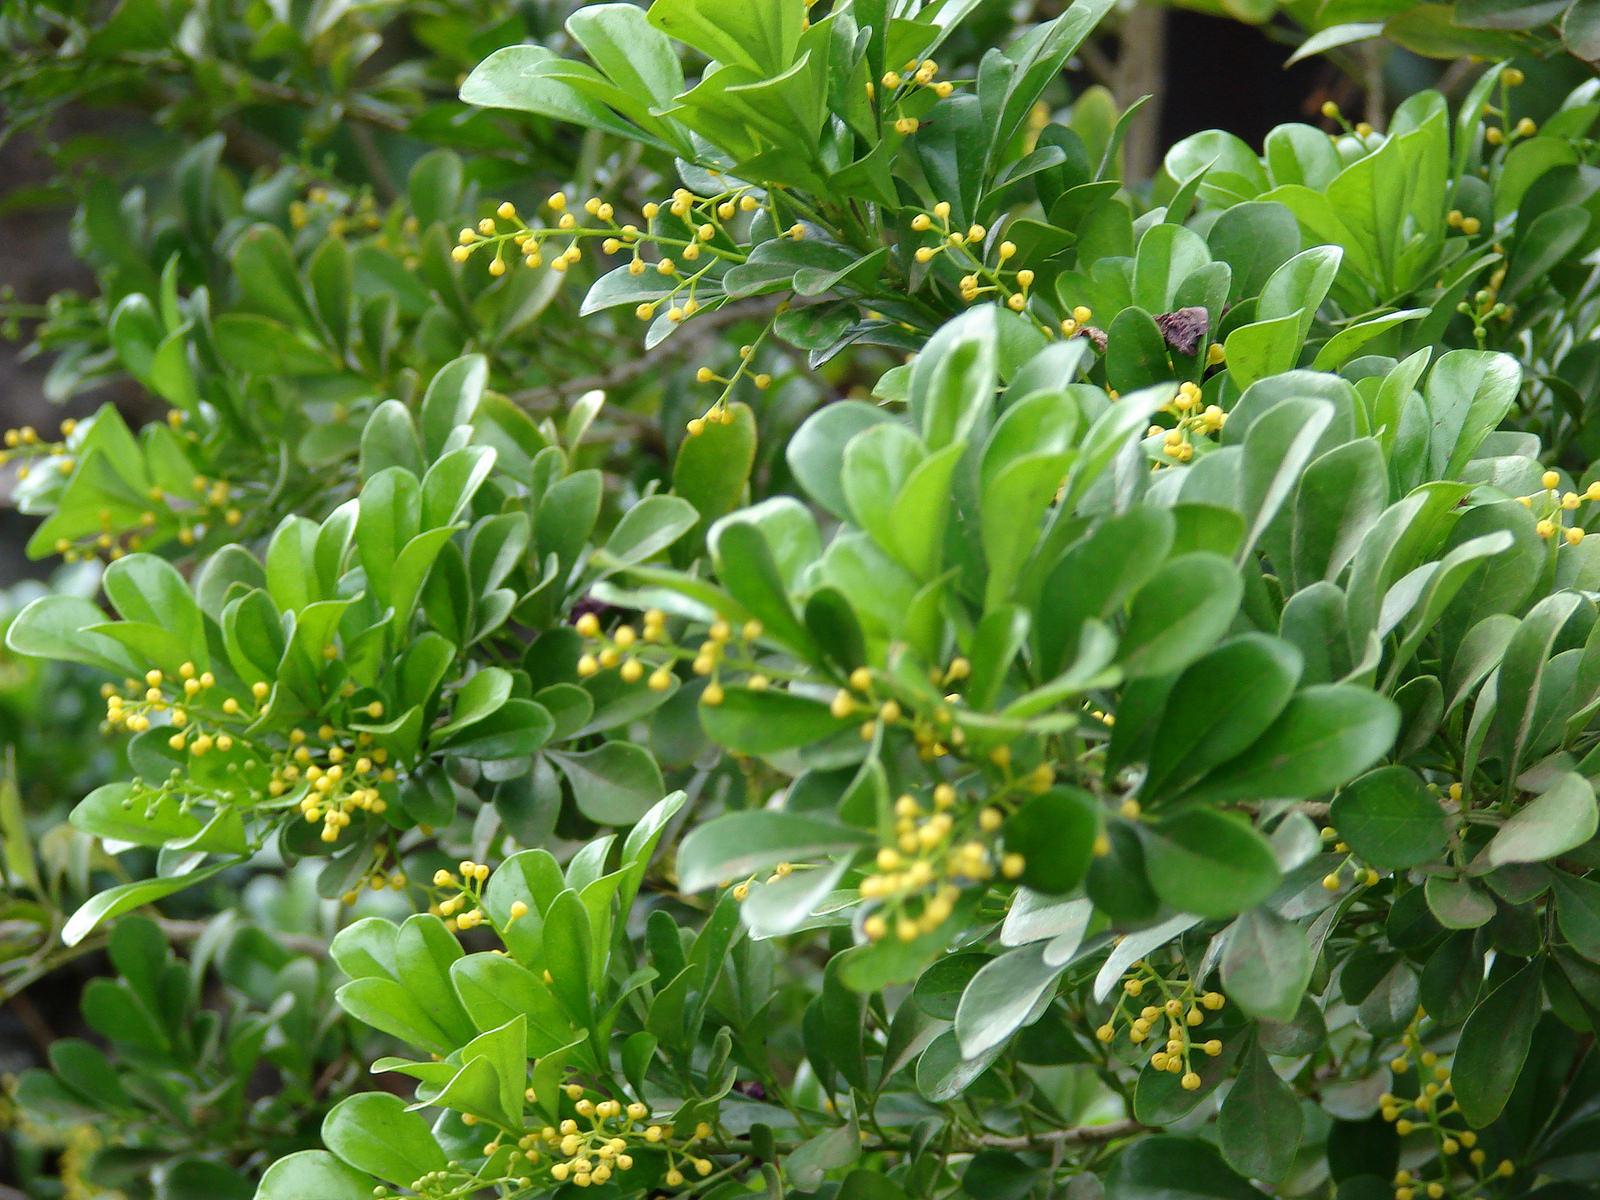 Hoa ngâu thường được dùng nhiều trong việc trang trí nhà cửa và đường xá